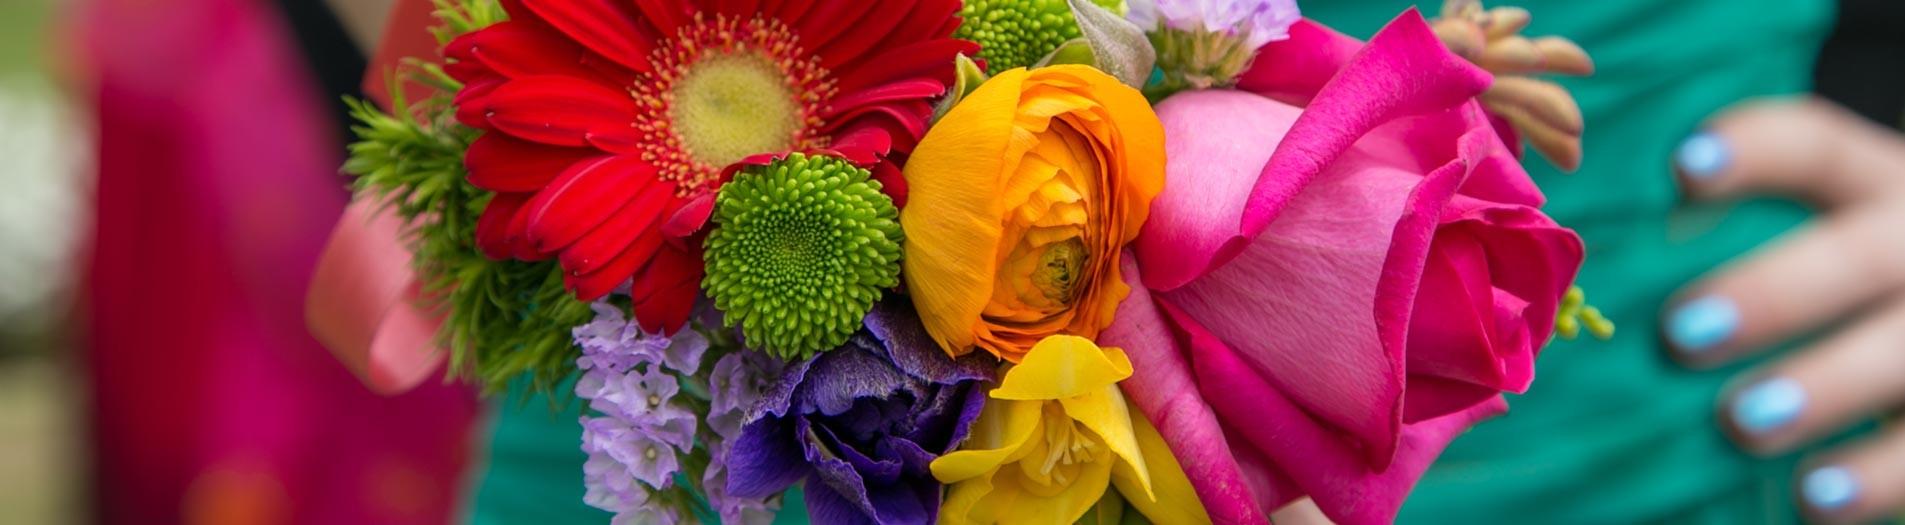 Fiori & colori per un matrimonio a tema ARCOBALENO